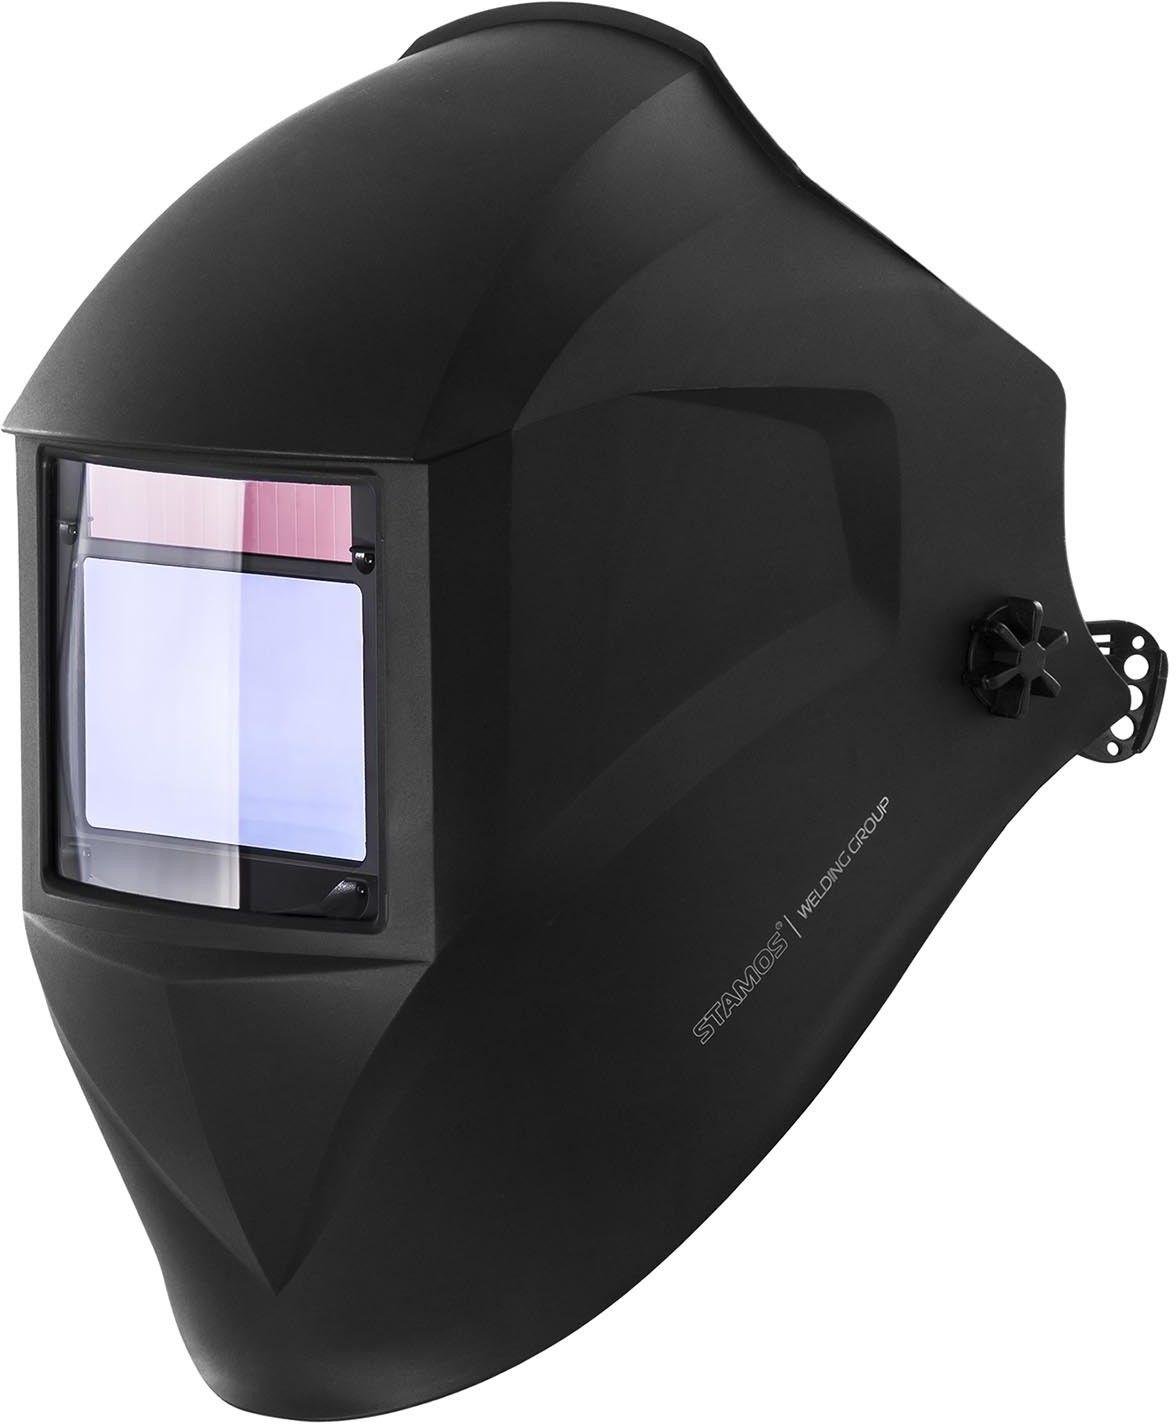 Maska spawalnicza - Constructor - Expert - Stamos Germany - Constructor - 3 lata gwarancji/wysyłka w 24h